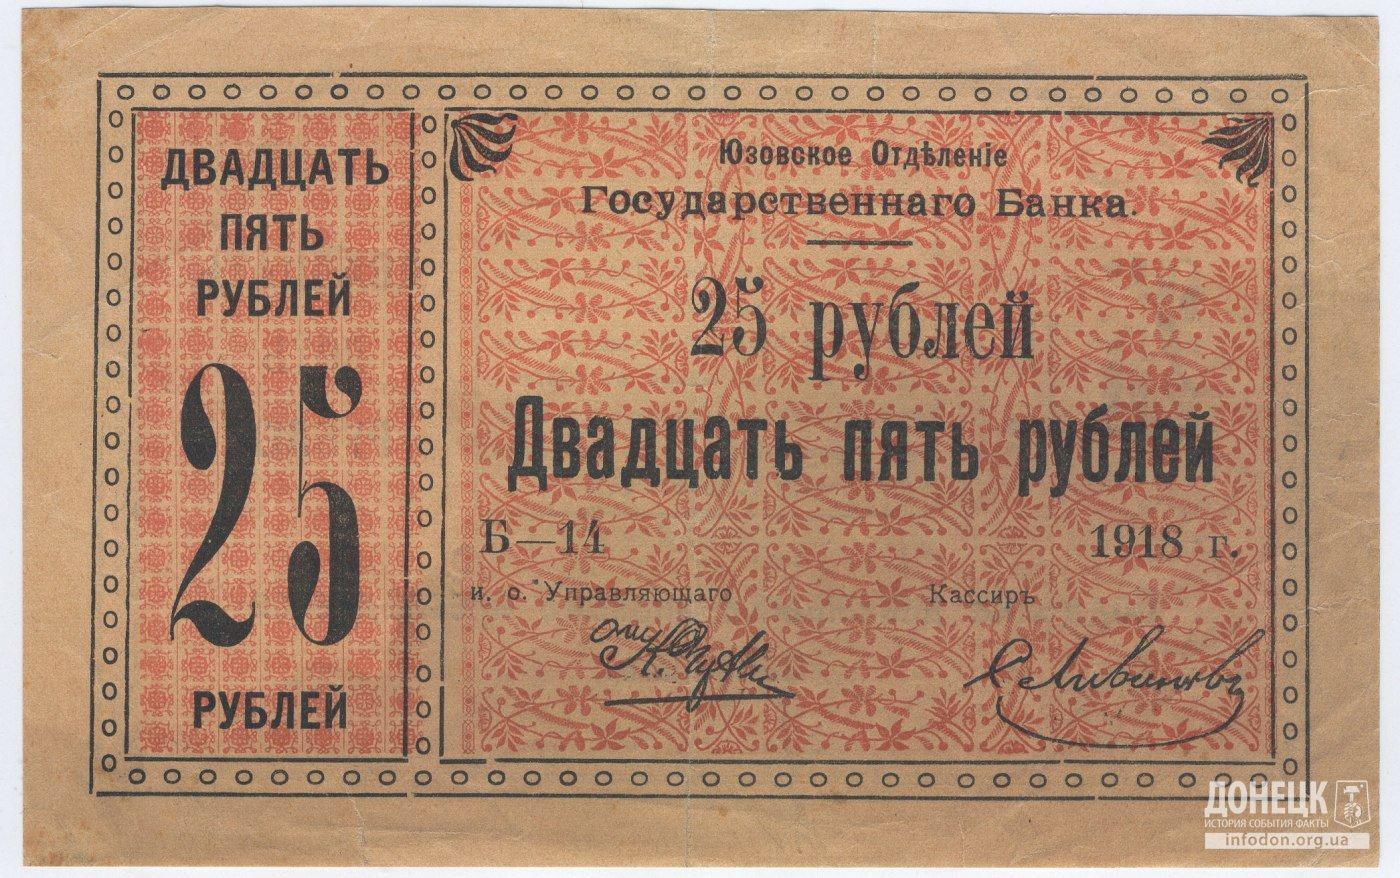 Купюра в 5 рублей, выпущенная Юзовским отделением Государственного банка в 1918 году. Аверс